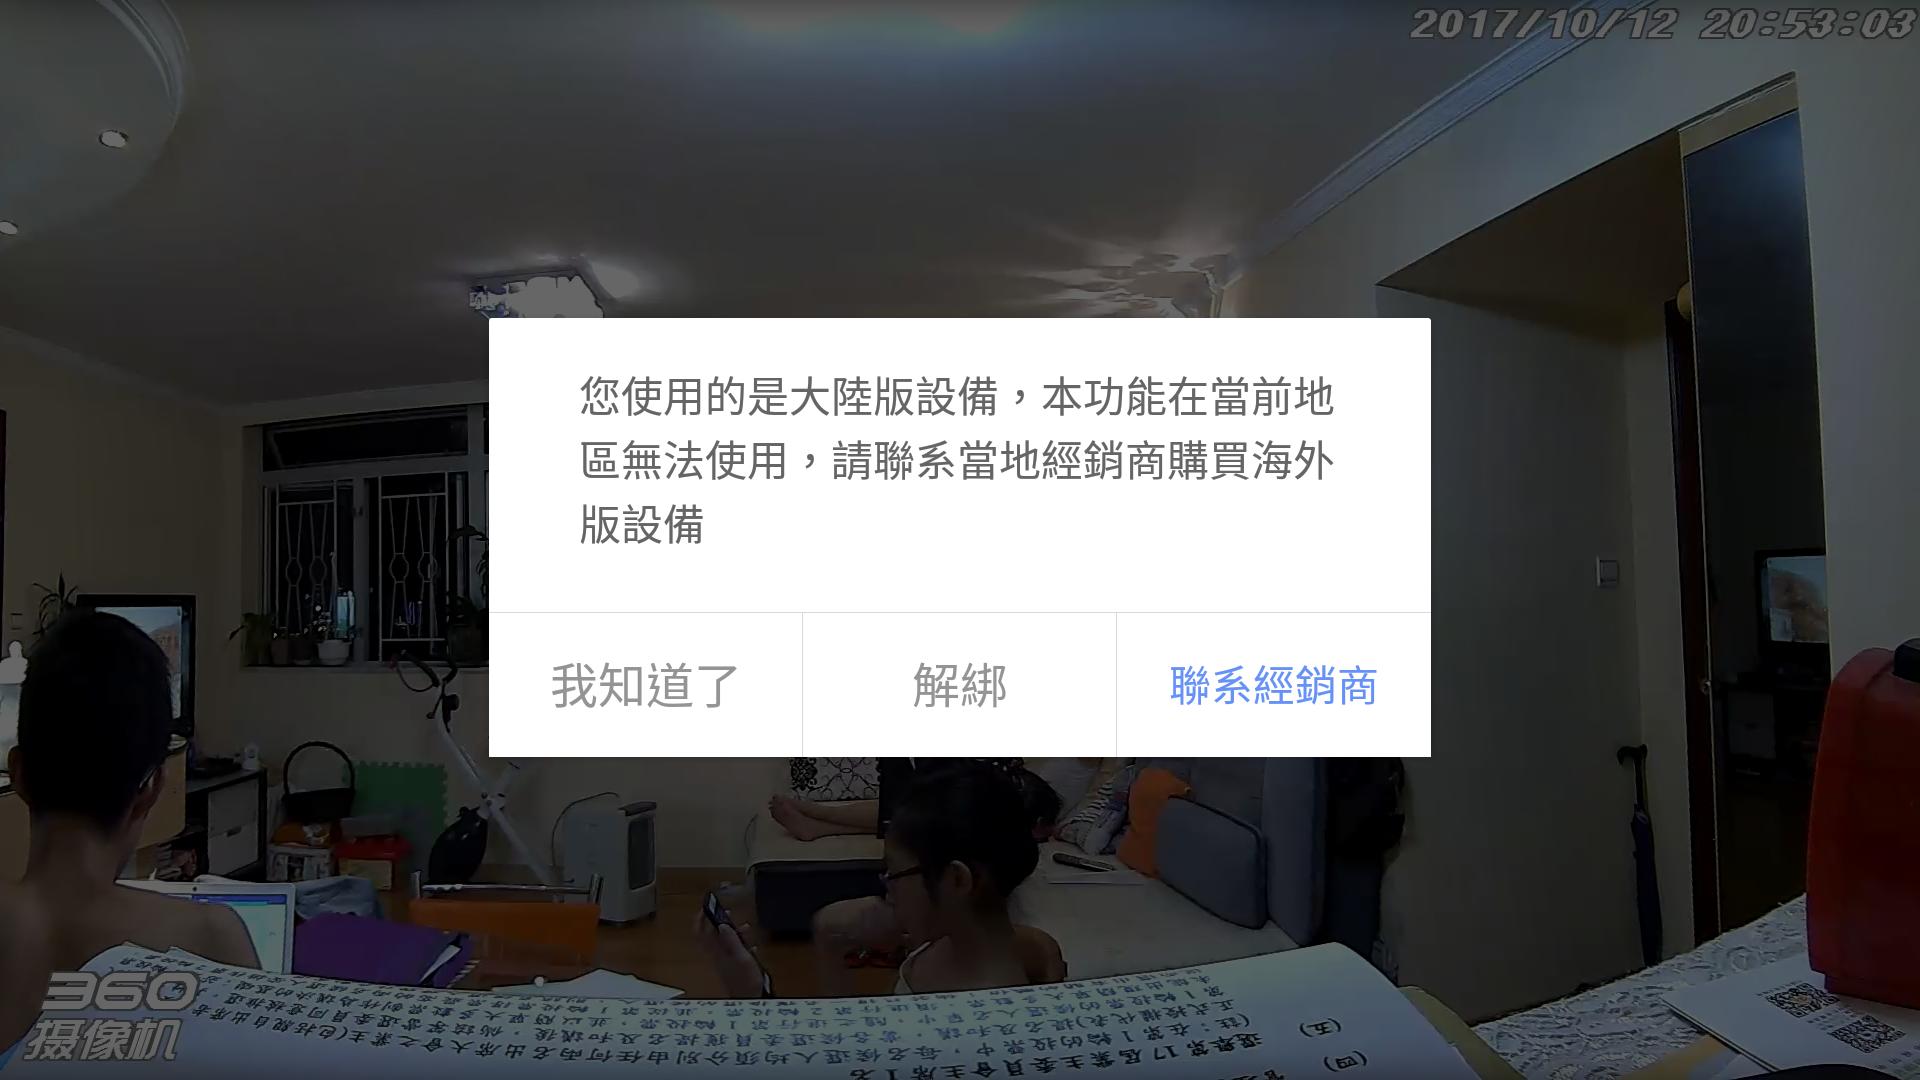 Screenshot_2017-10-12-20-53-05-784_com.qihoo.camera.png